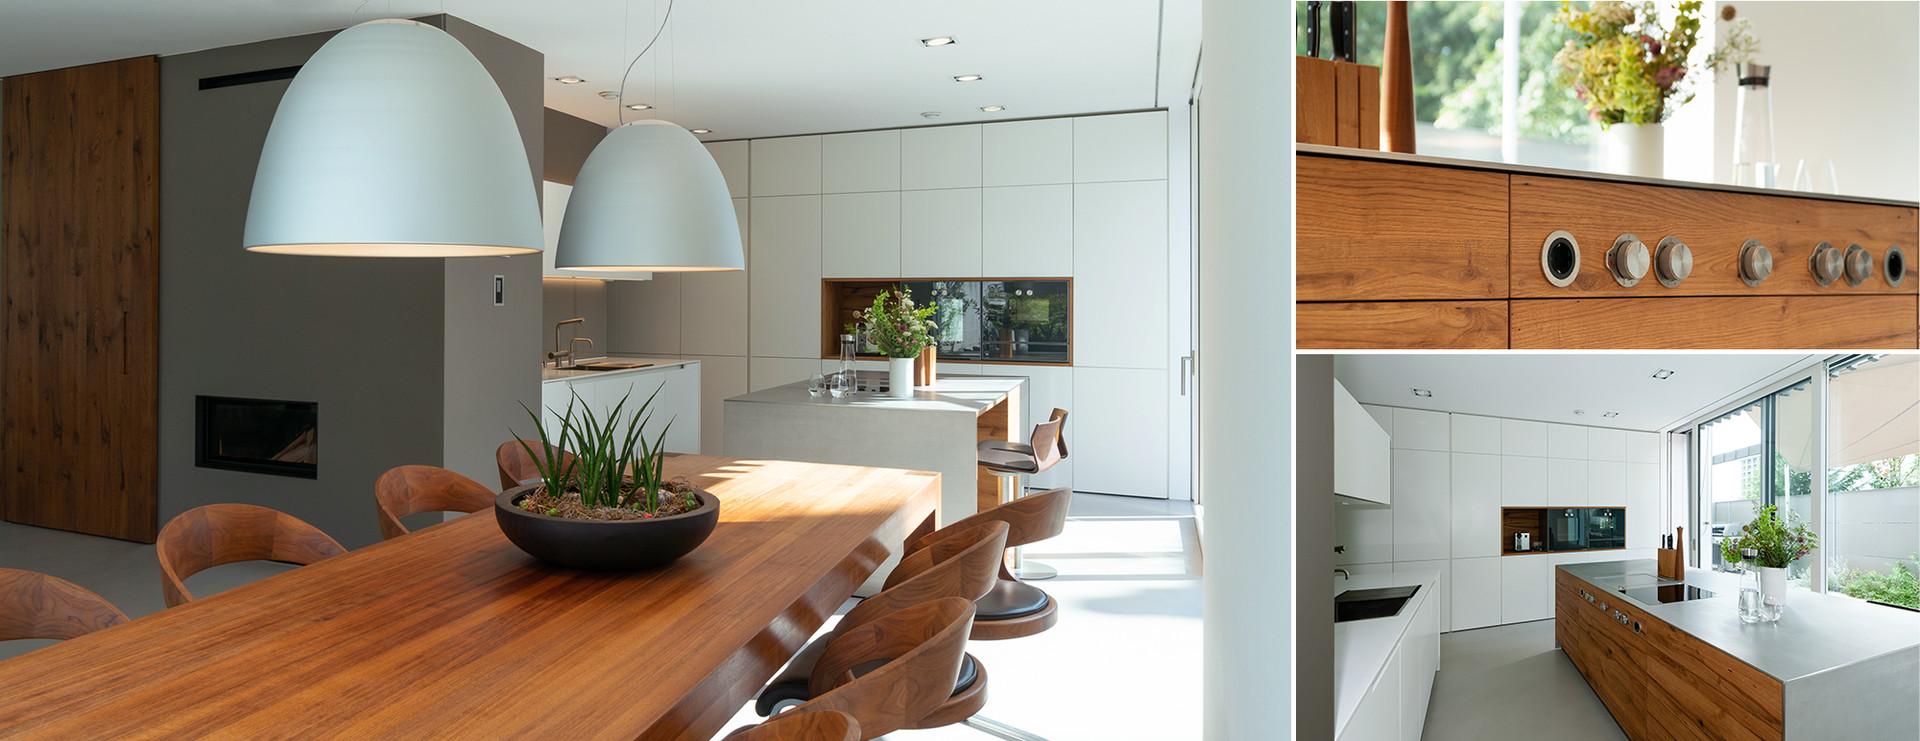 offene Architektenküche mit Ess- und Wohnbereich